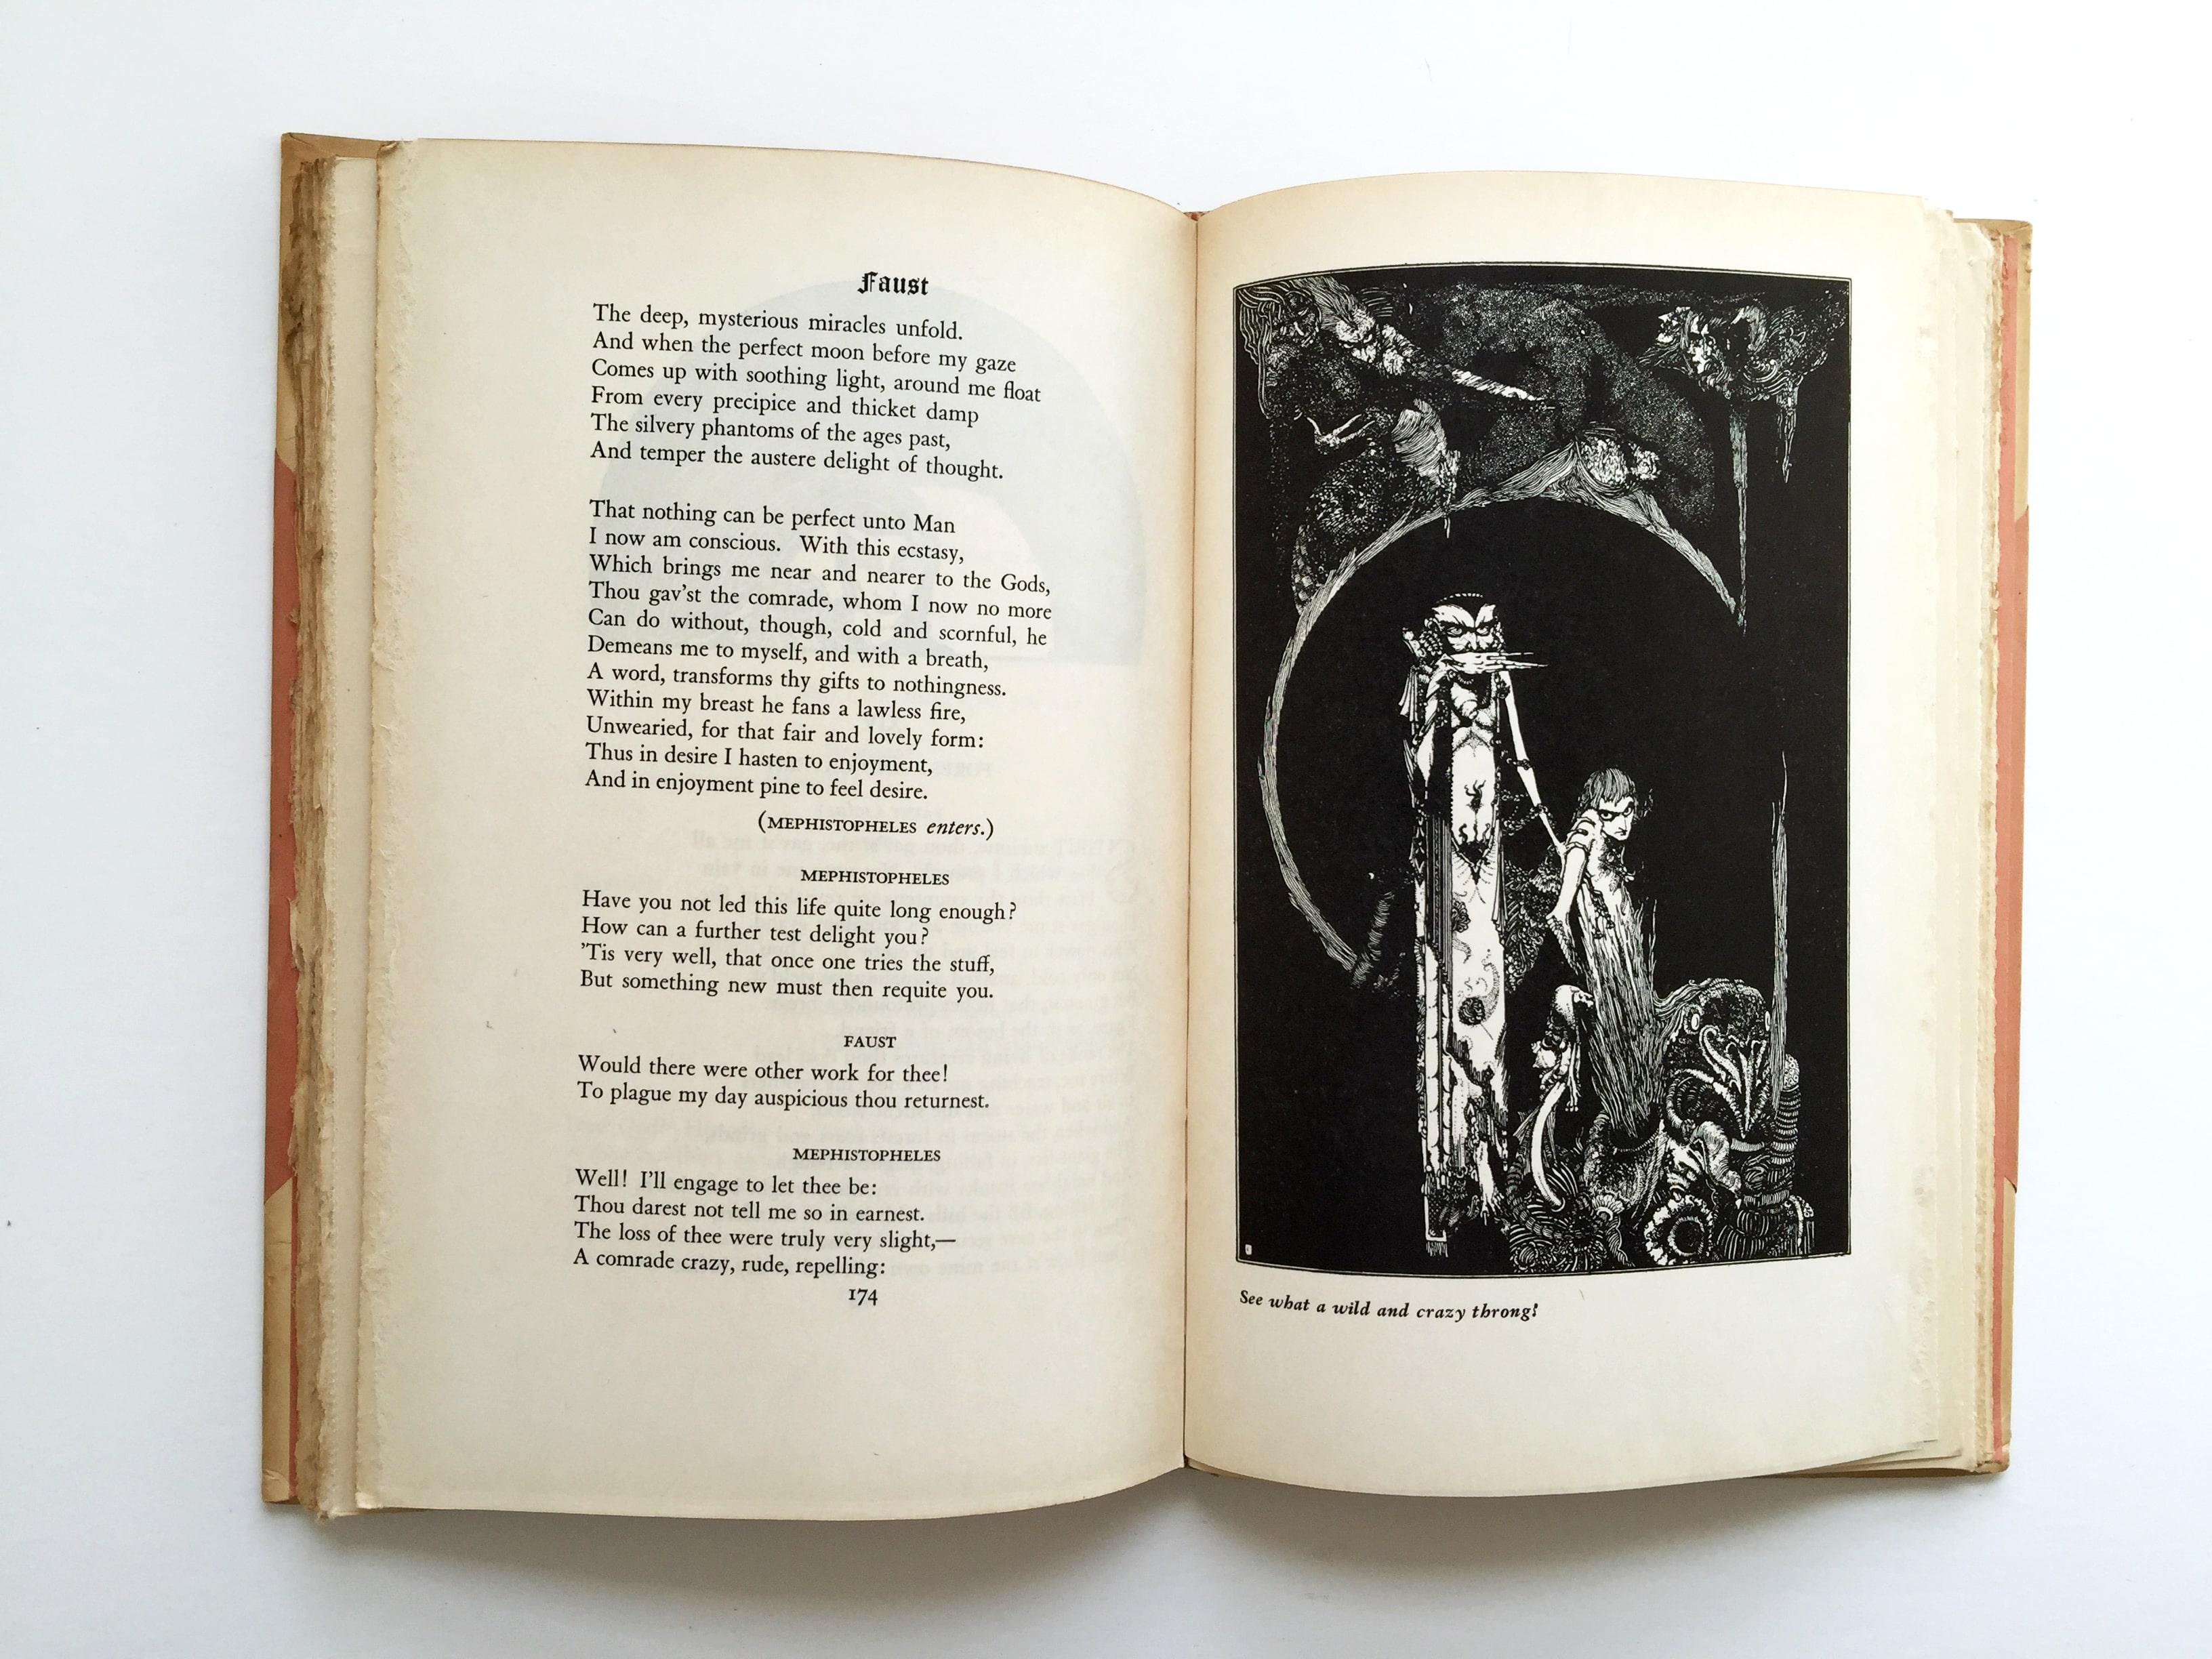 Faust by Johann Wolfgang von Goethe, Harry Clarke